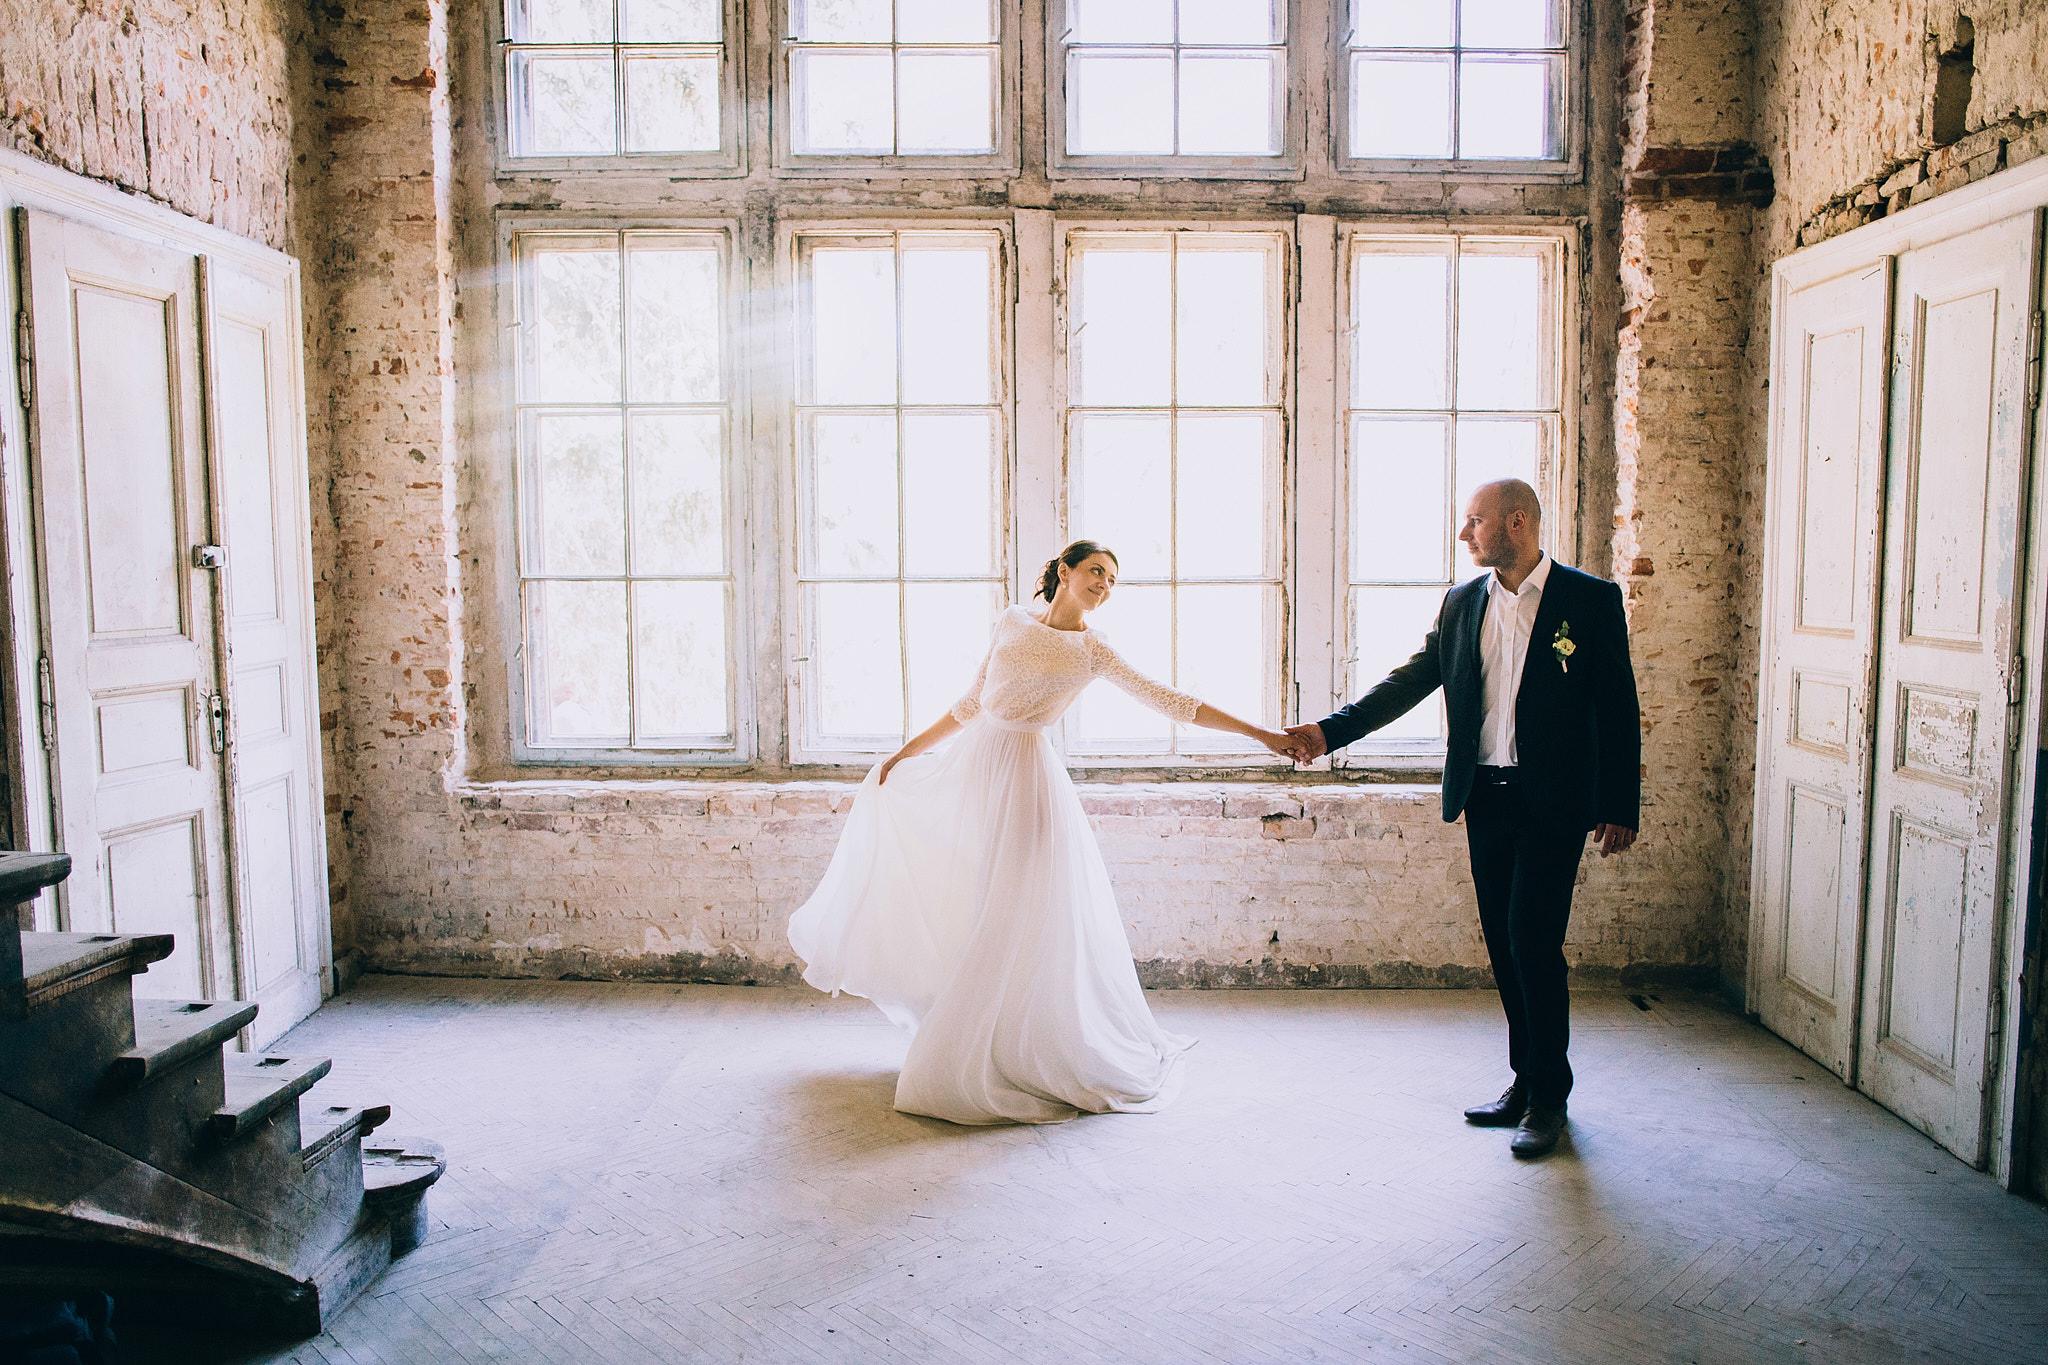 matrimonio rid 0_207